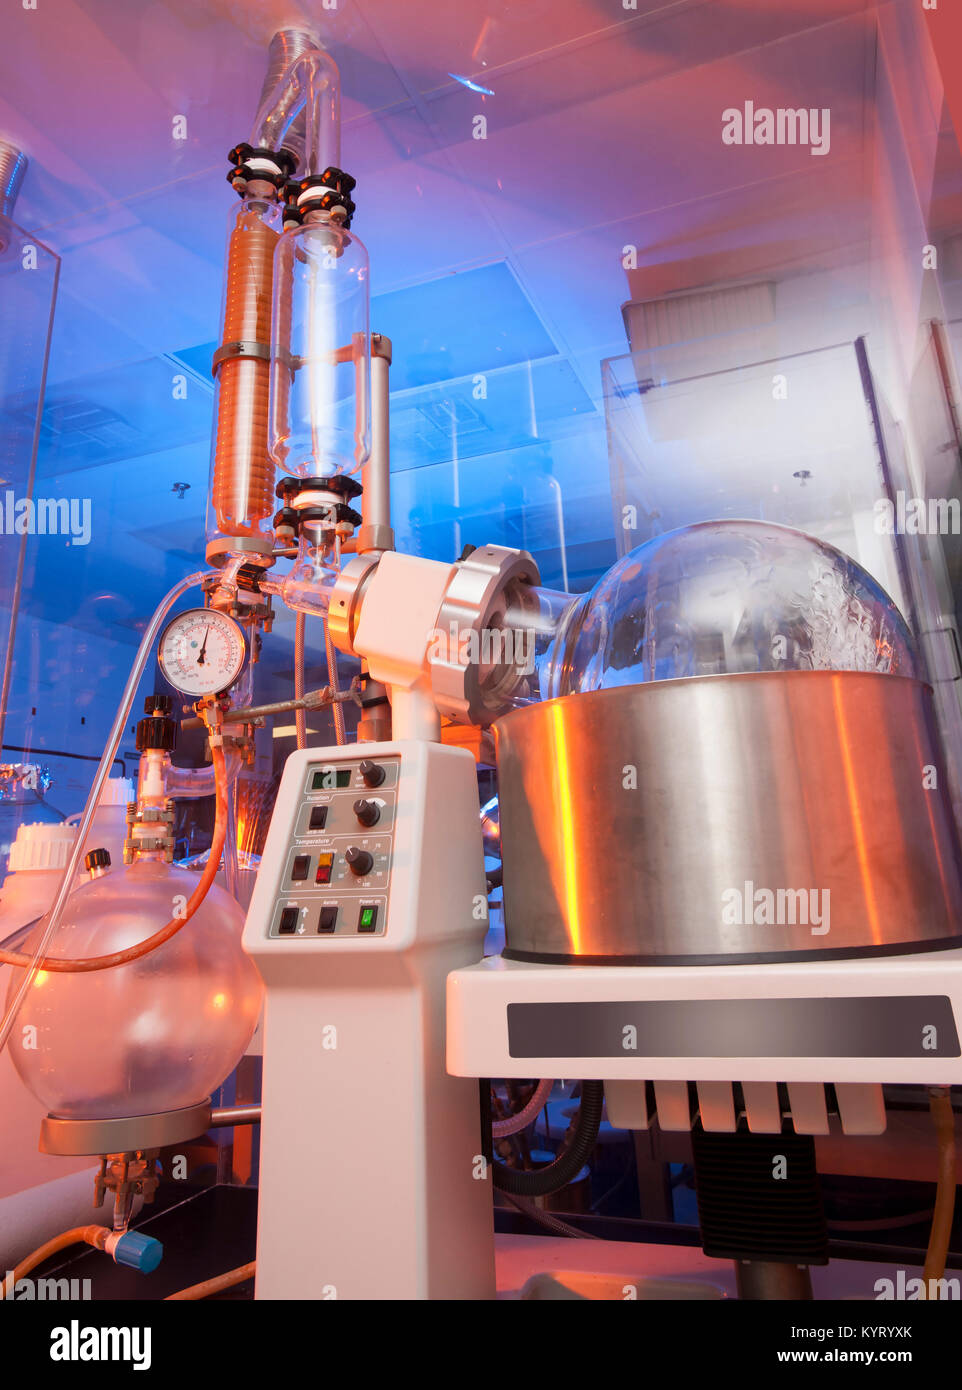 Química y biología médica investigación laboratorio cristalería Imagen De Stock